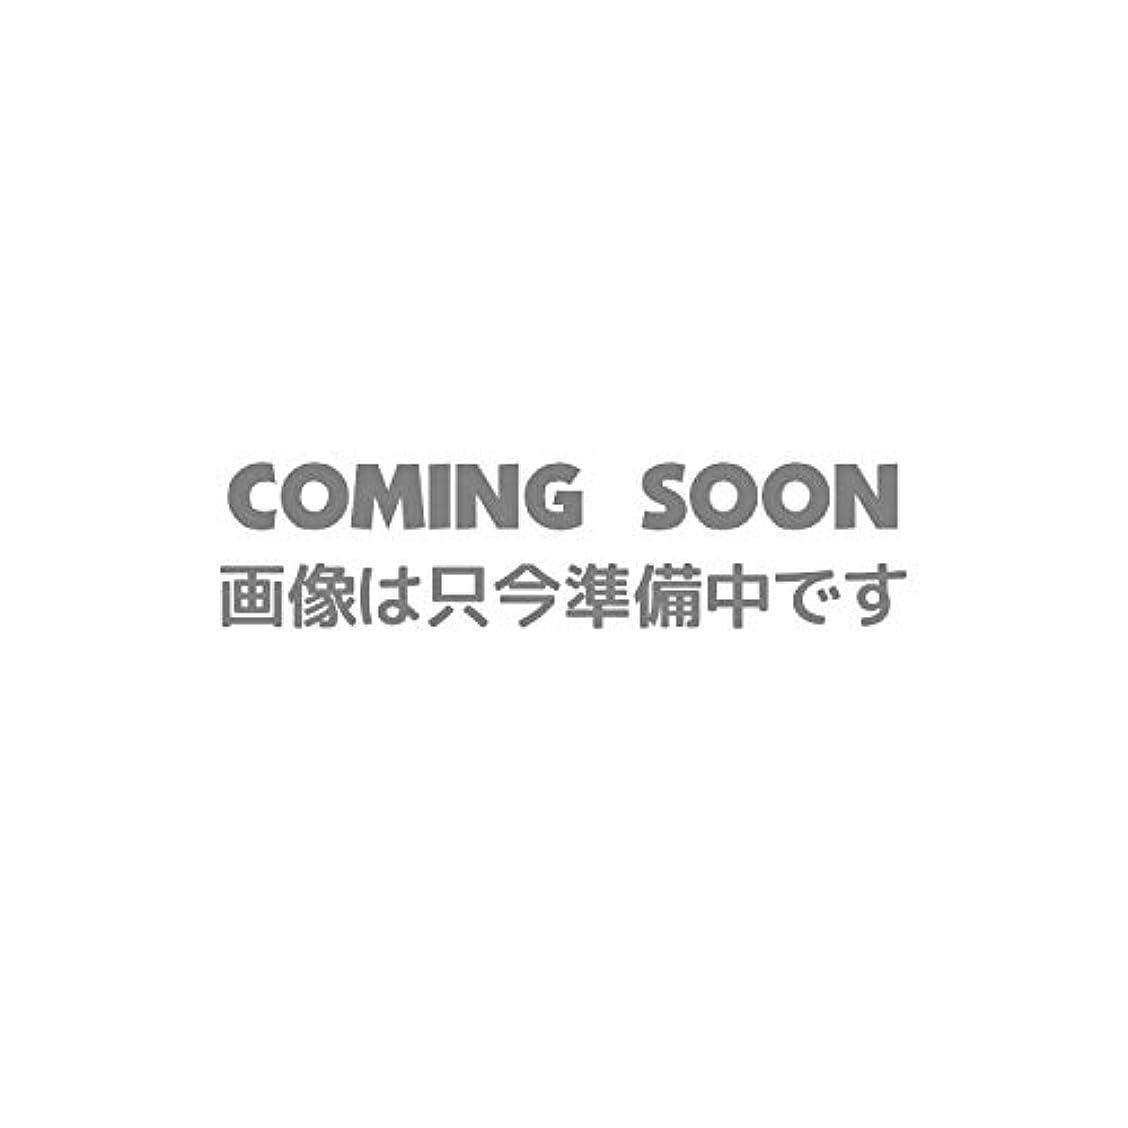 暖炉カフェテリア代数A-BLEND ヨッシースタンプ ハンドクリーム からふるぽっぷ [280973]